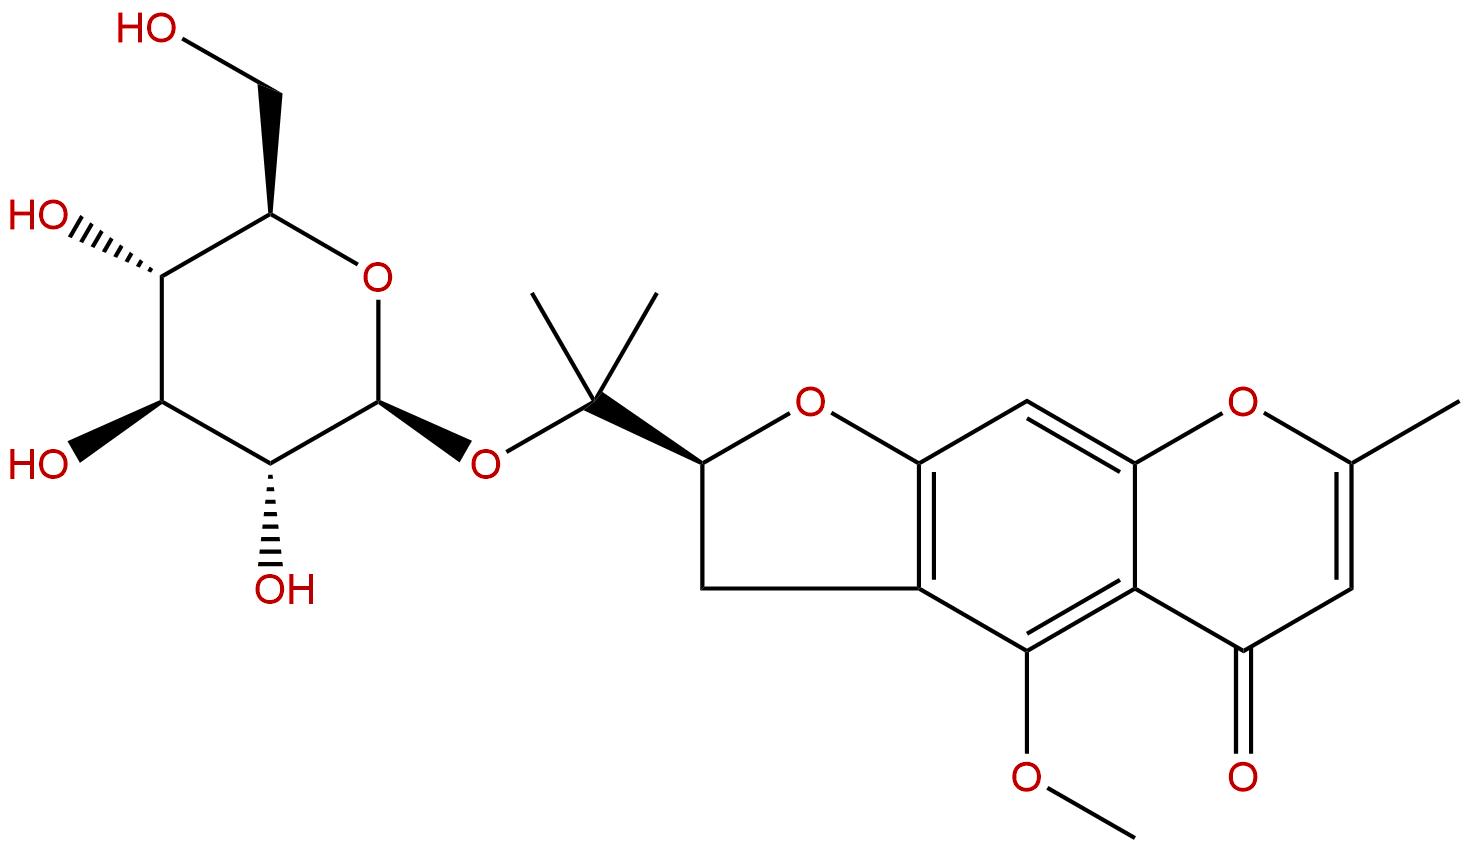 5-O-methylvisammioside